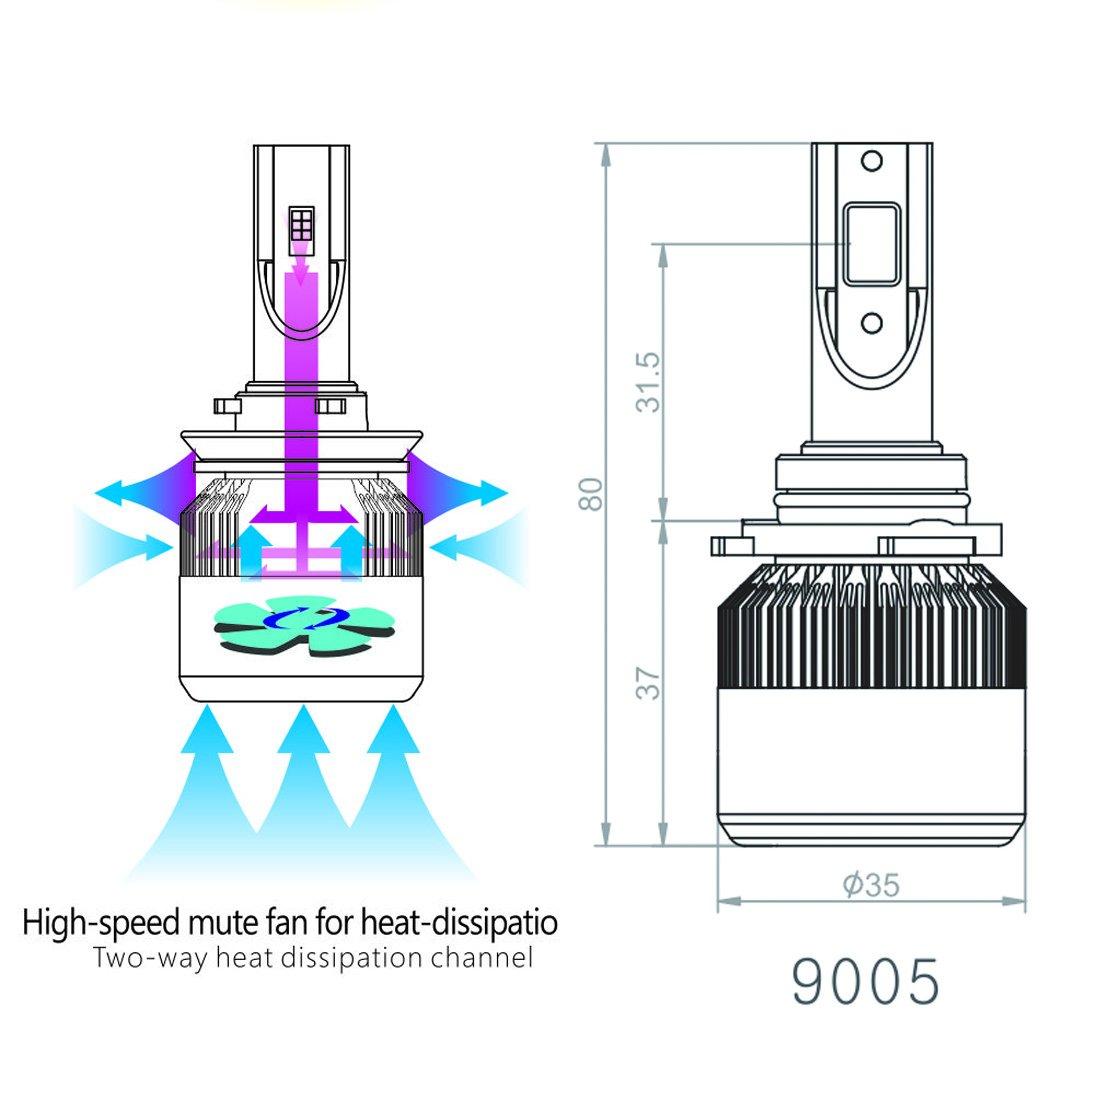 2 Lampadine 6000K Bianco Kit Lampada Sostituzione per Alogena Lampade e Xenon Luci Safego Lampadine H7 LED 8000LM Faro per 12V-24V Fari Auto Luce Abbaglianti e Anabbaglianti